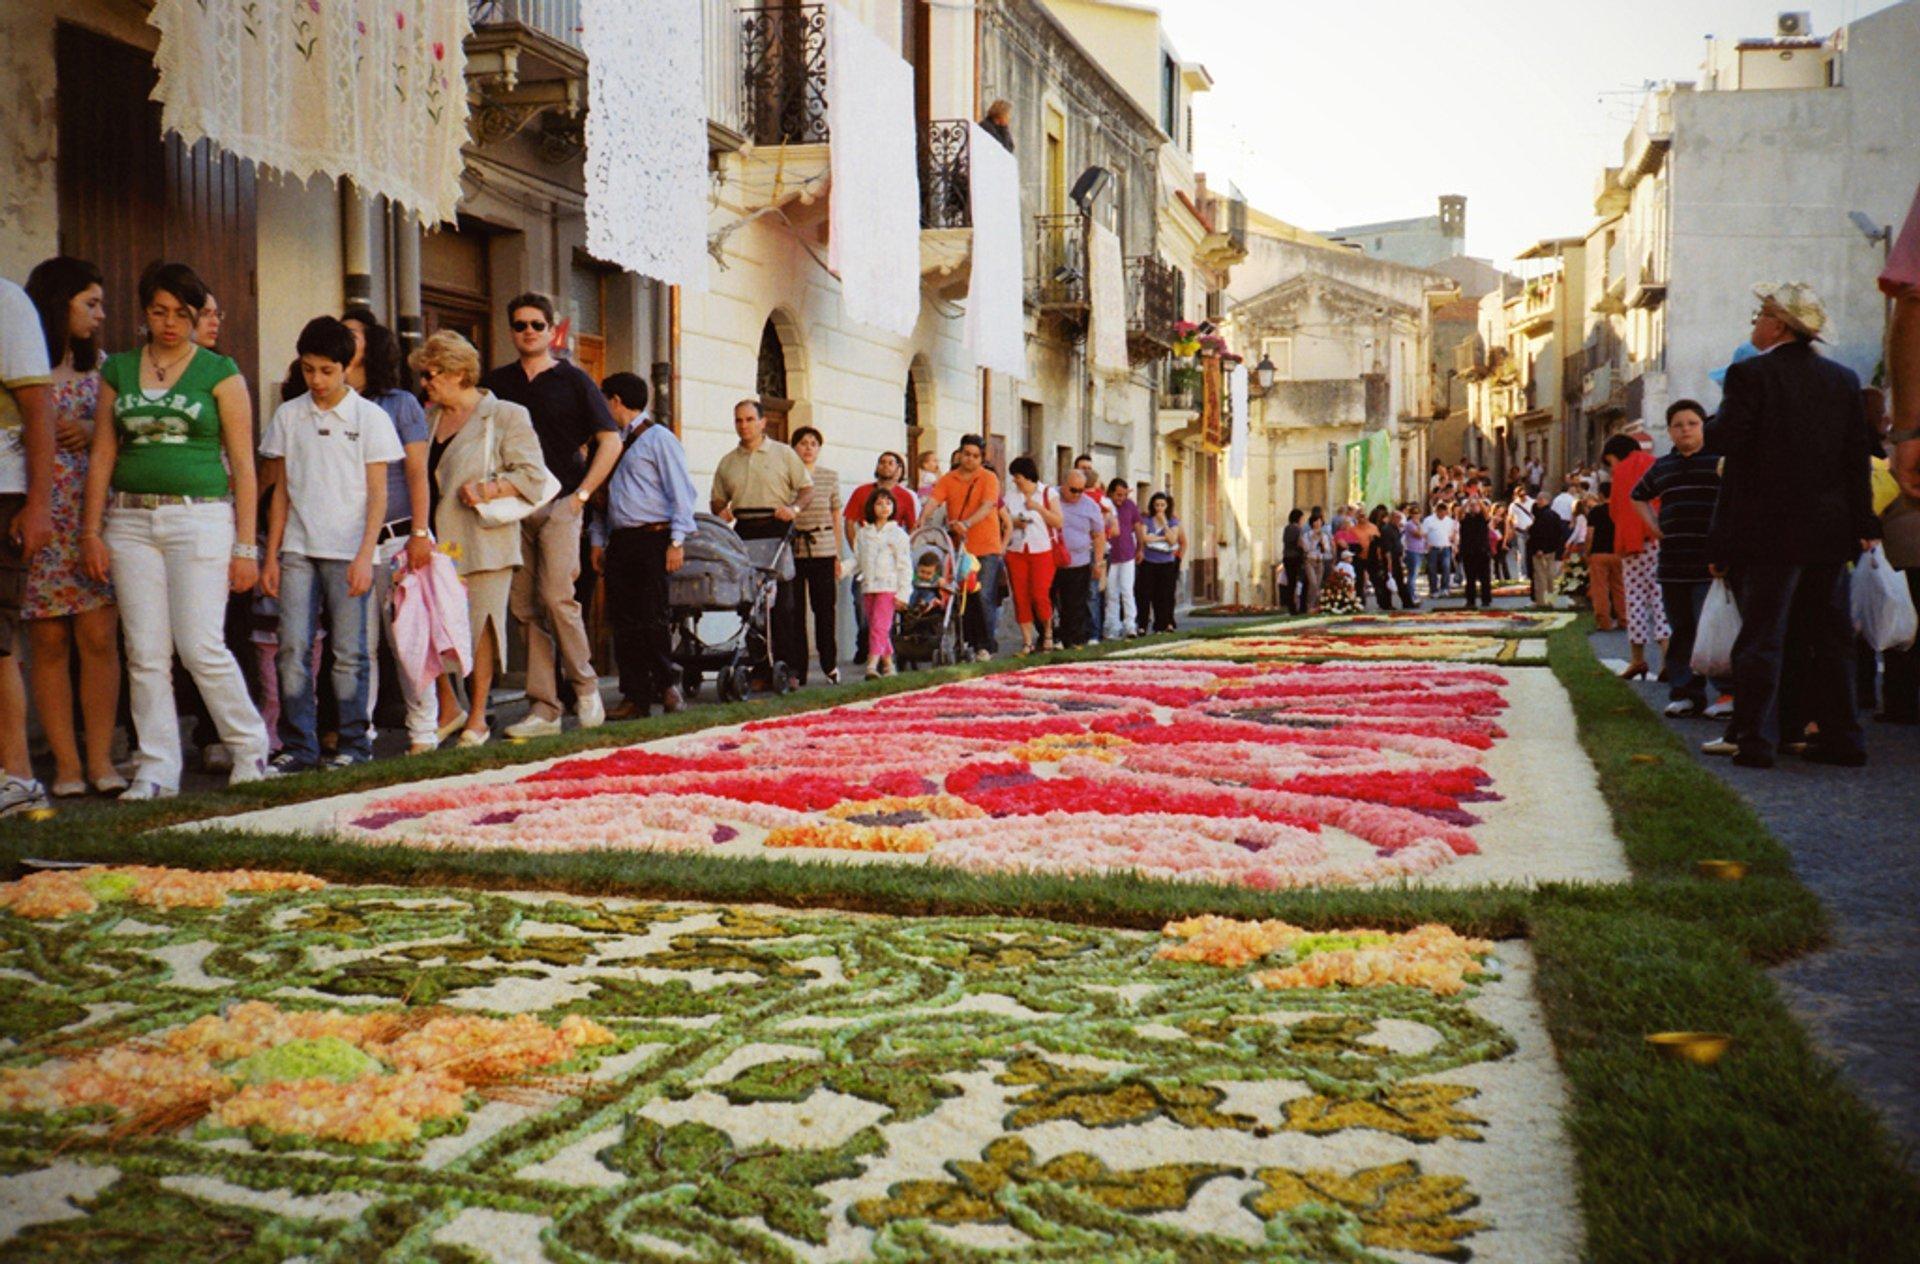 Infiorata Flower Carpet Festivals in Italy - Best Season 2020